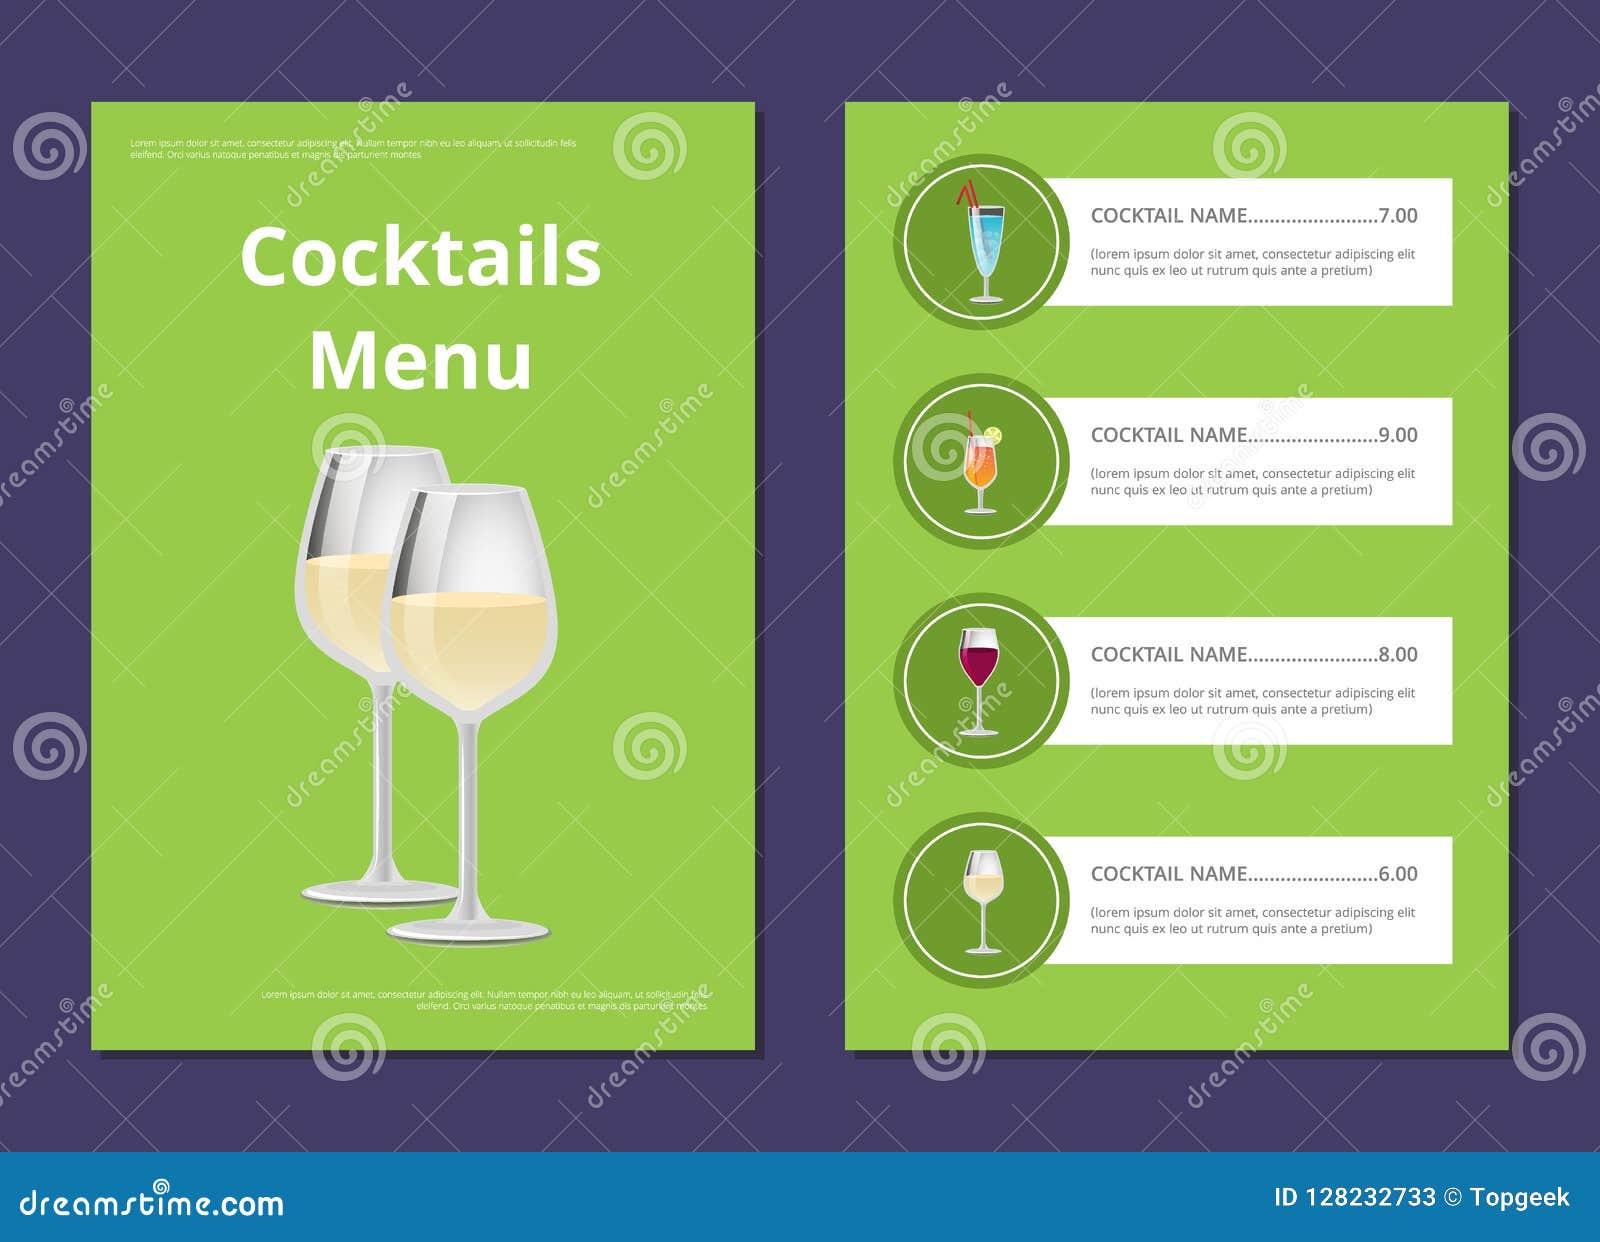 Wählen Sie Auffrischungsalkohol-Getränkebar-Karten-Vektor